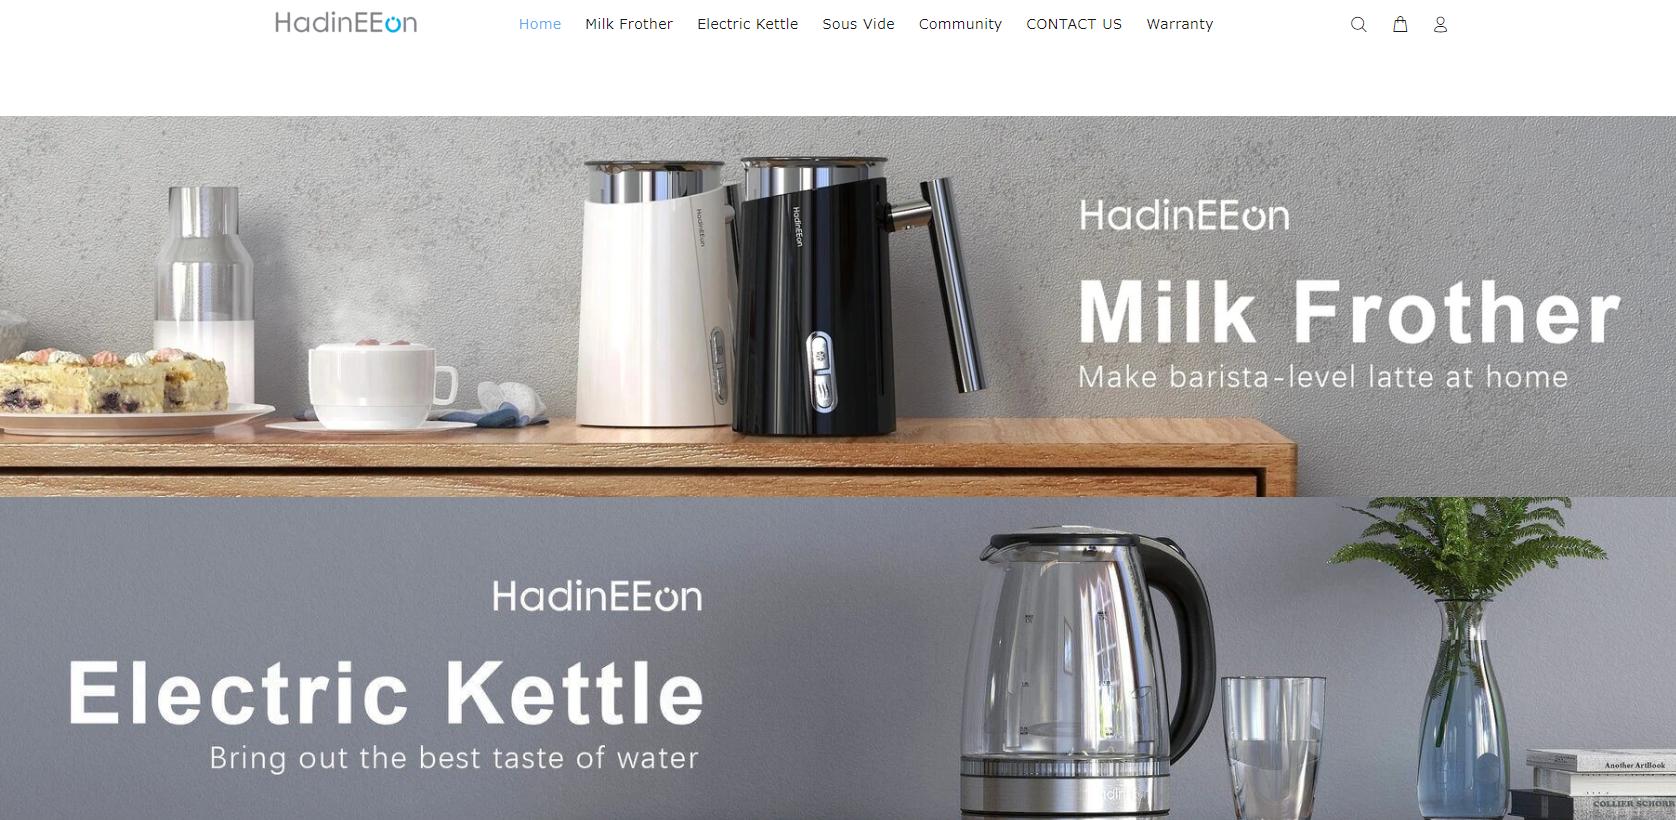 HadinEEonの会社ホームページ